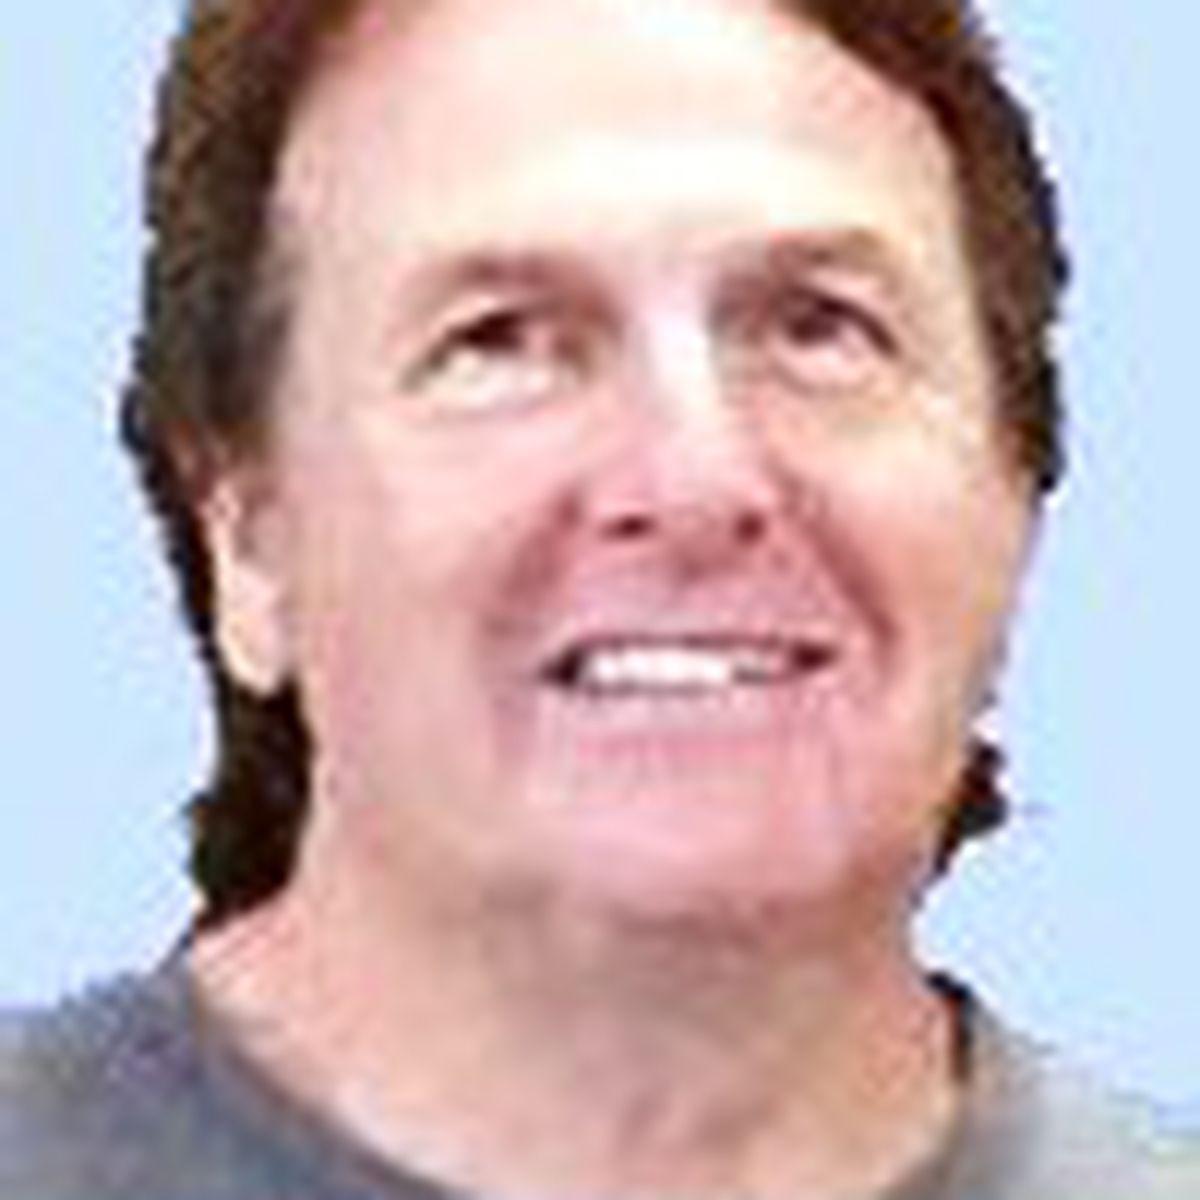 John Leonard Carlo, 64, of Watertown